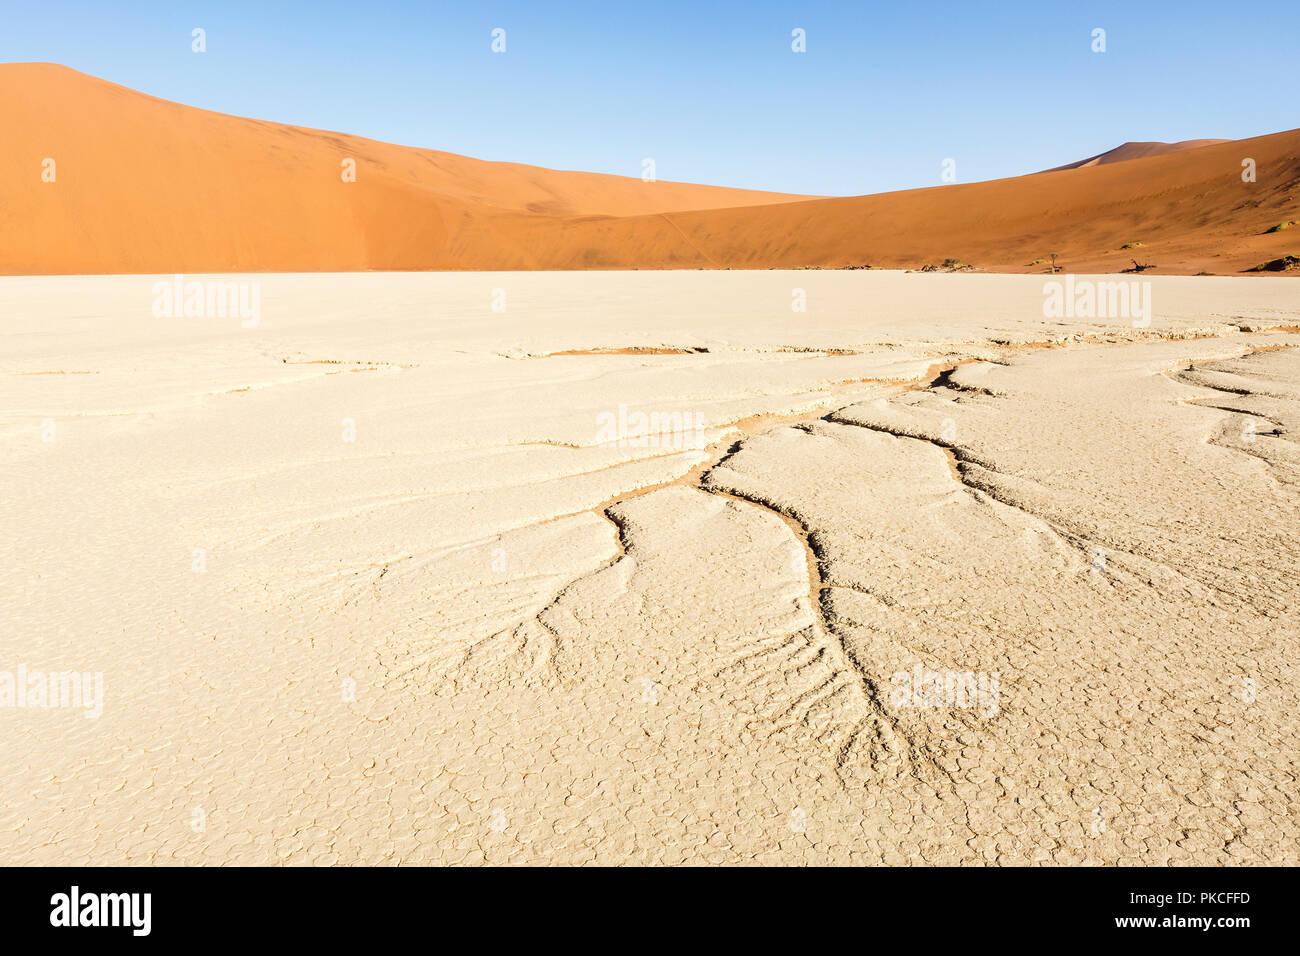 Water veins in the dry soil, Deadvlei, Sossusvlei, Namibia - Stock Image